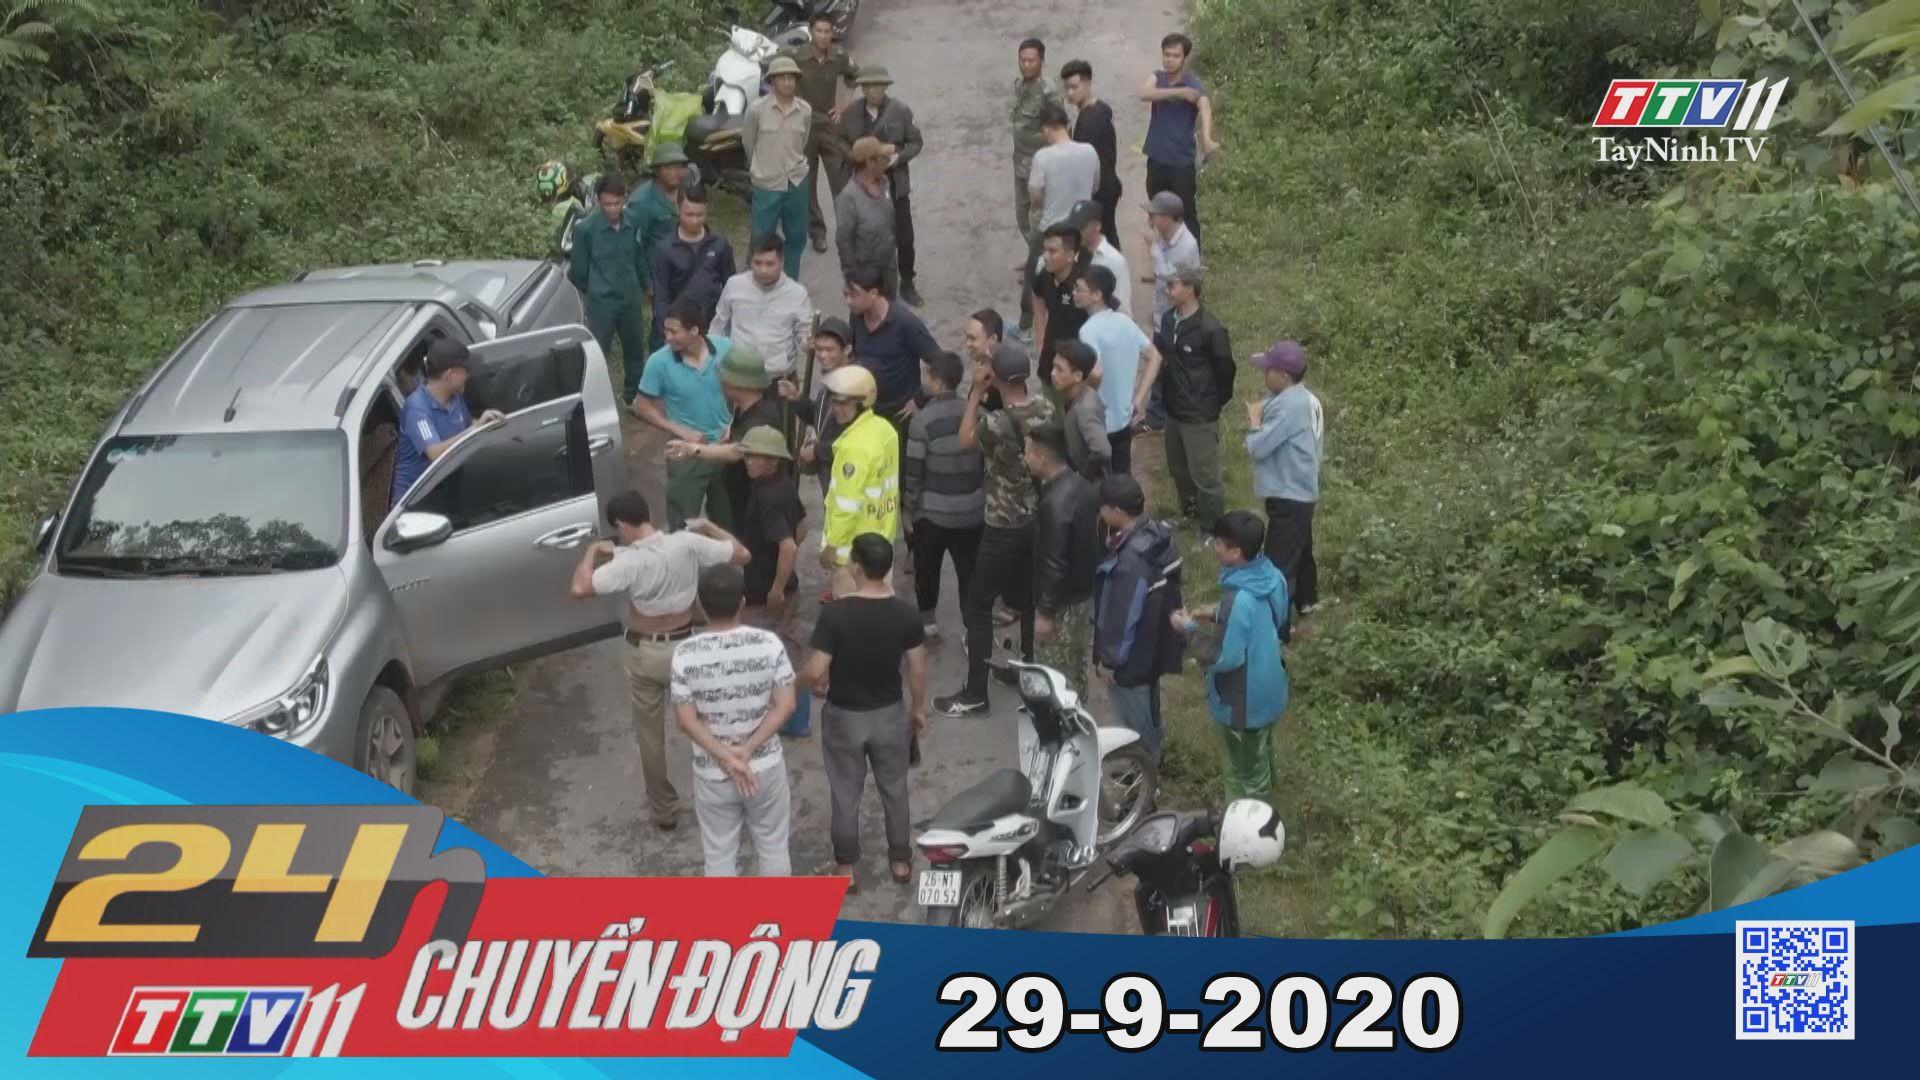 24h Chuyển động 29-9-2020 | Tin tức hôm nay | TayNinhTV